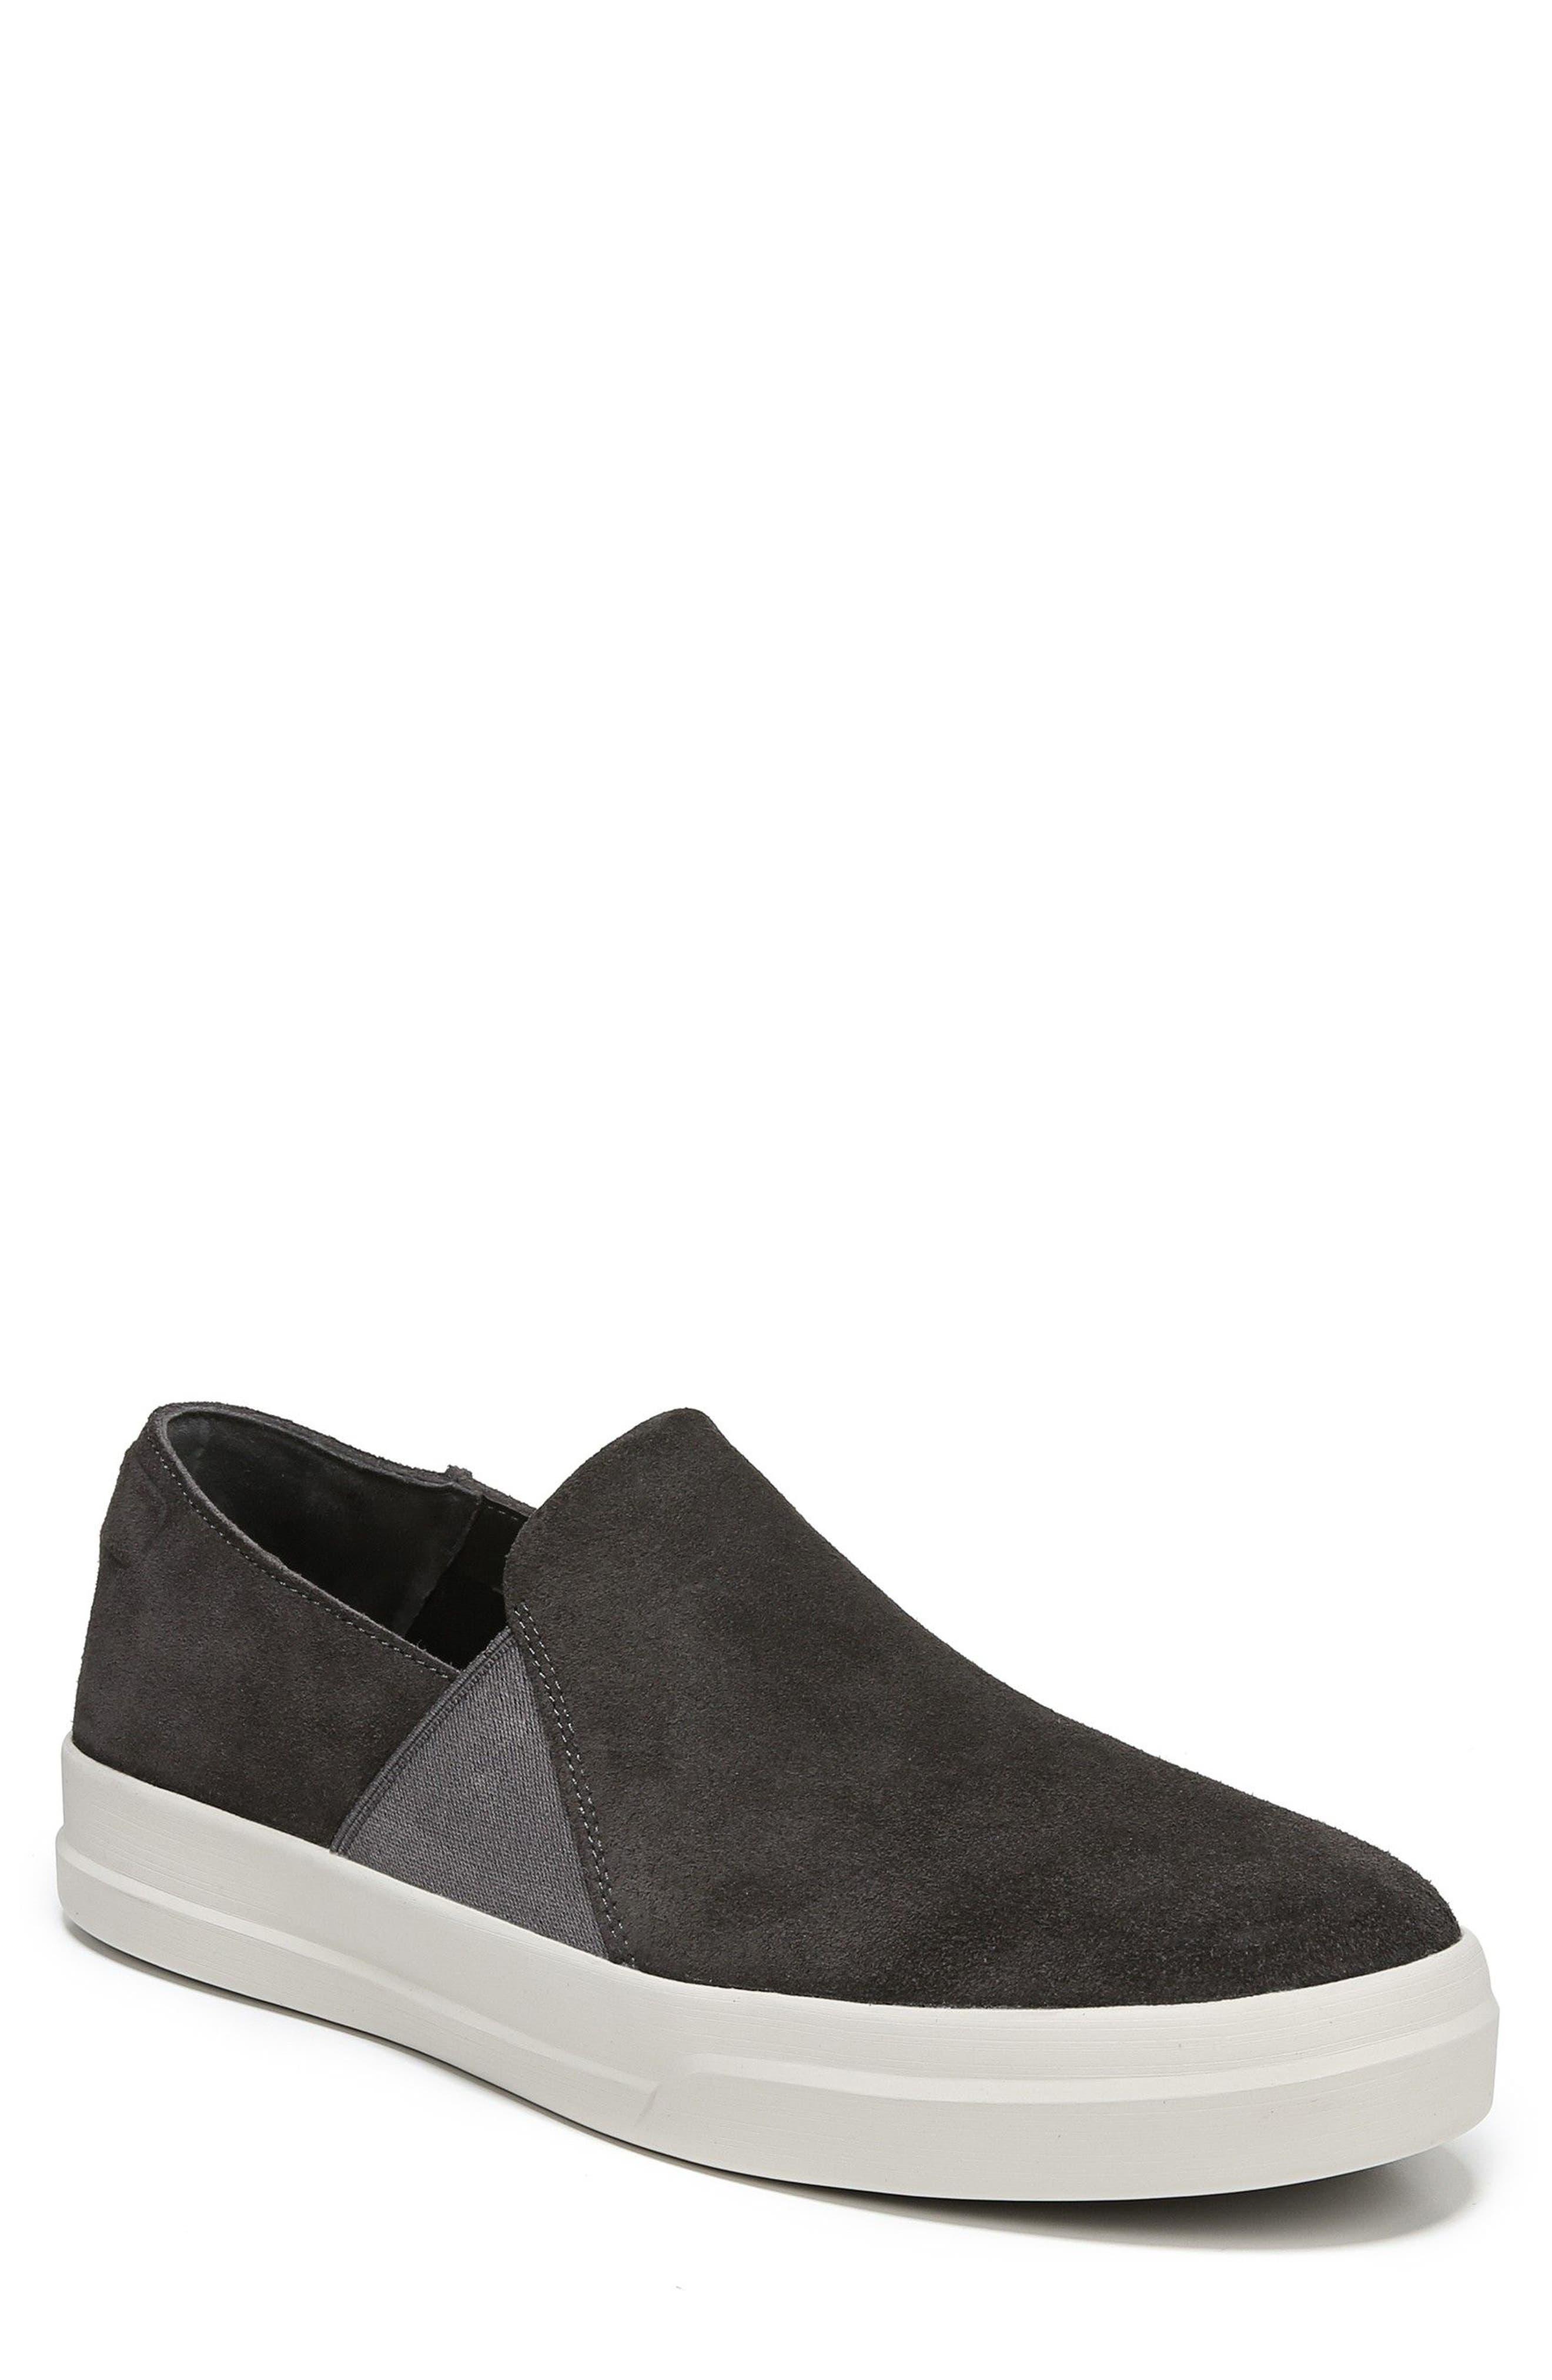 Vince Carlin Slip-On Sneaker (Men)